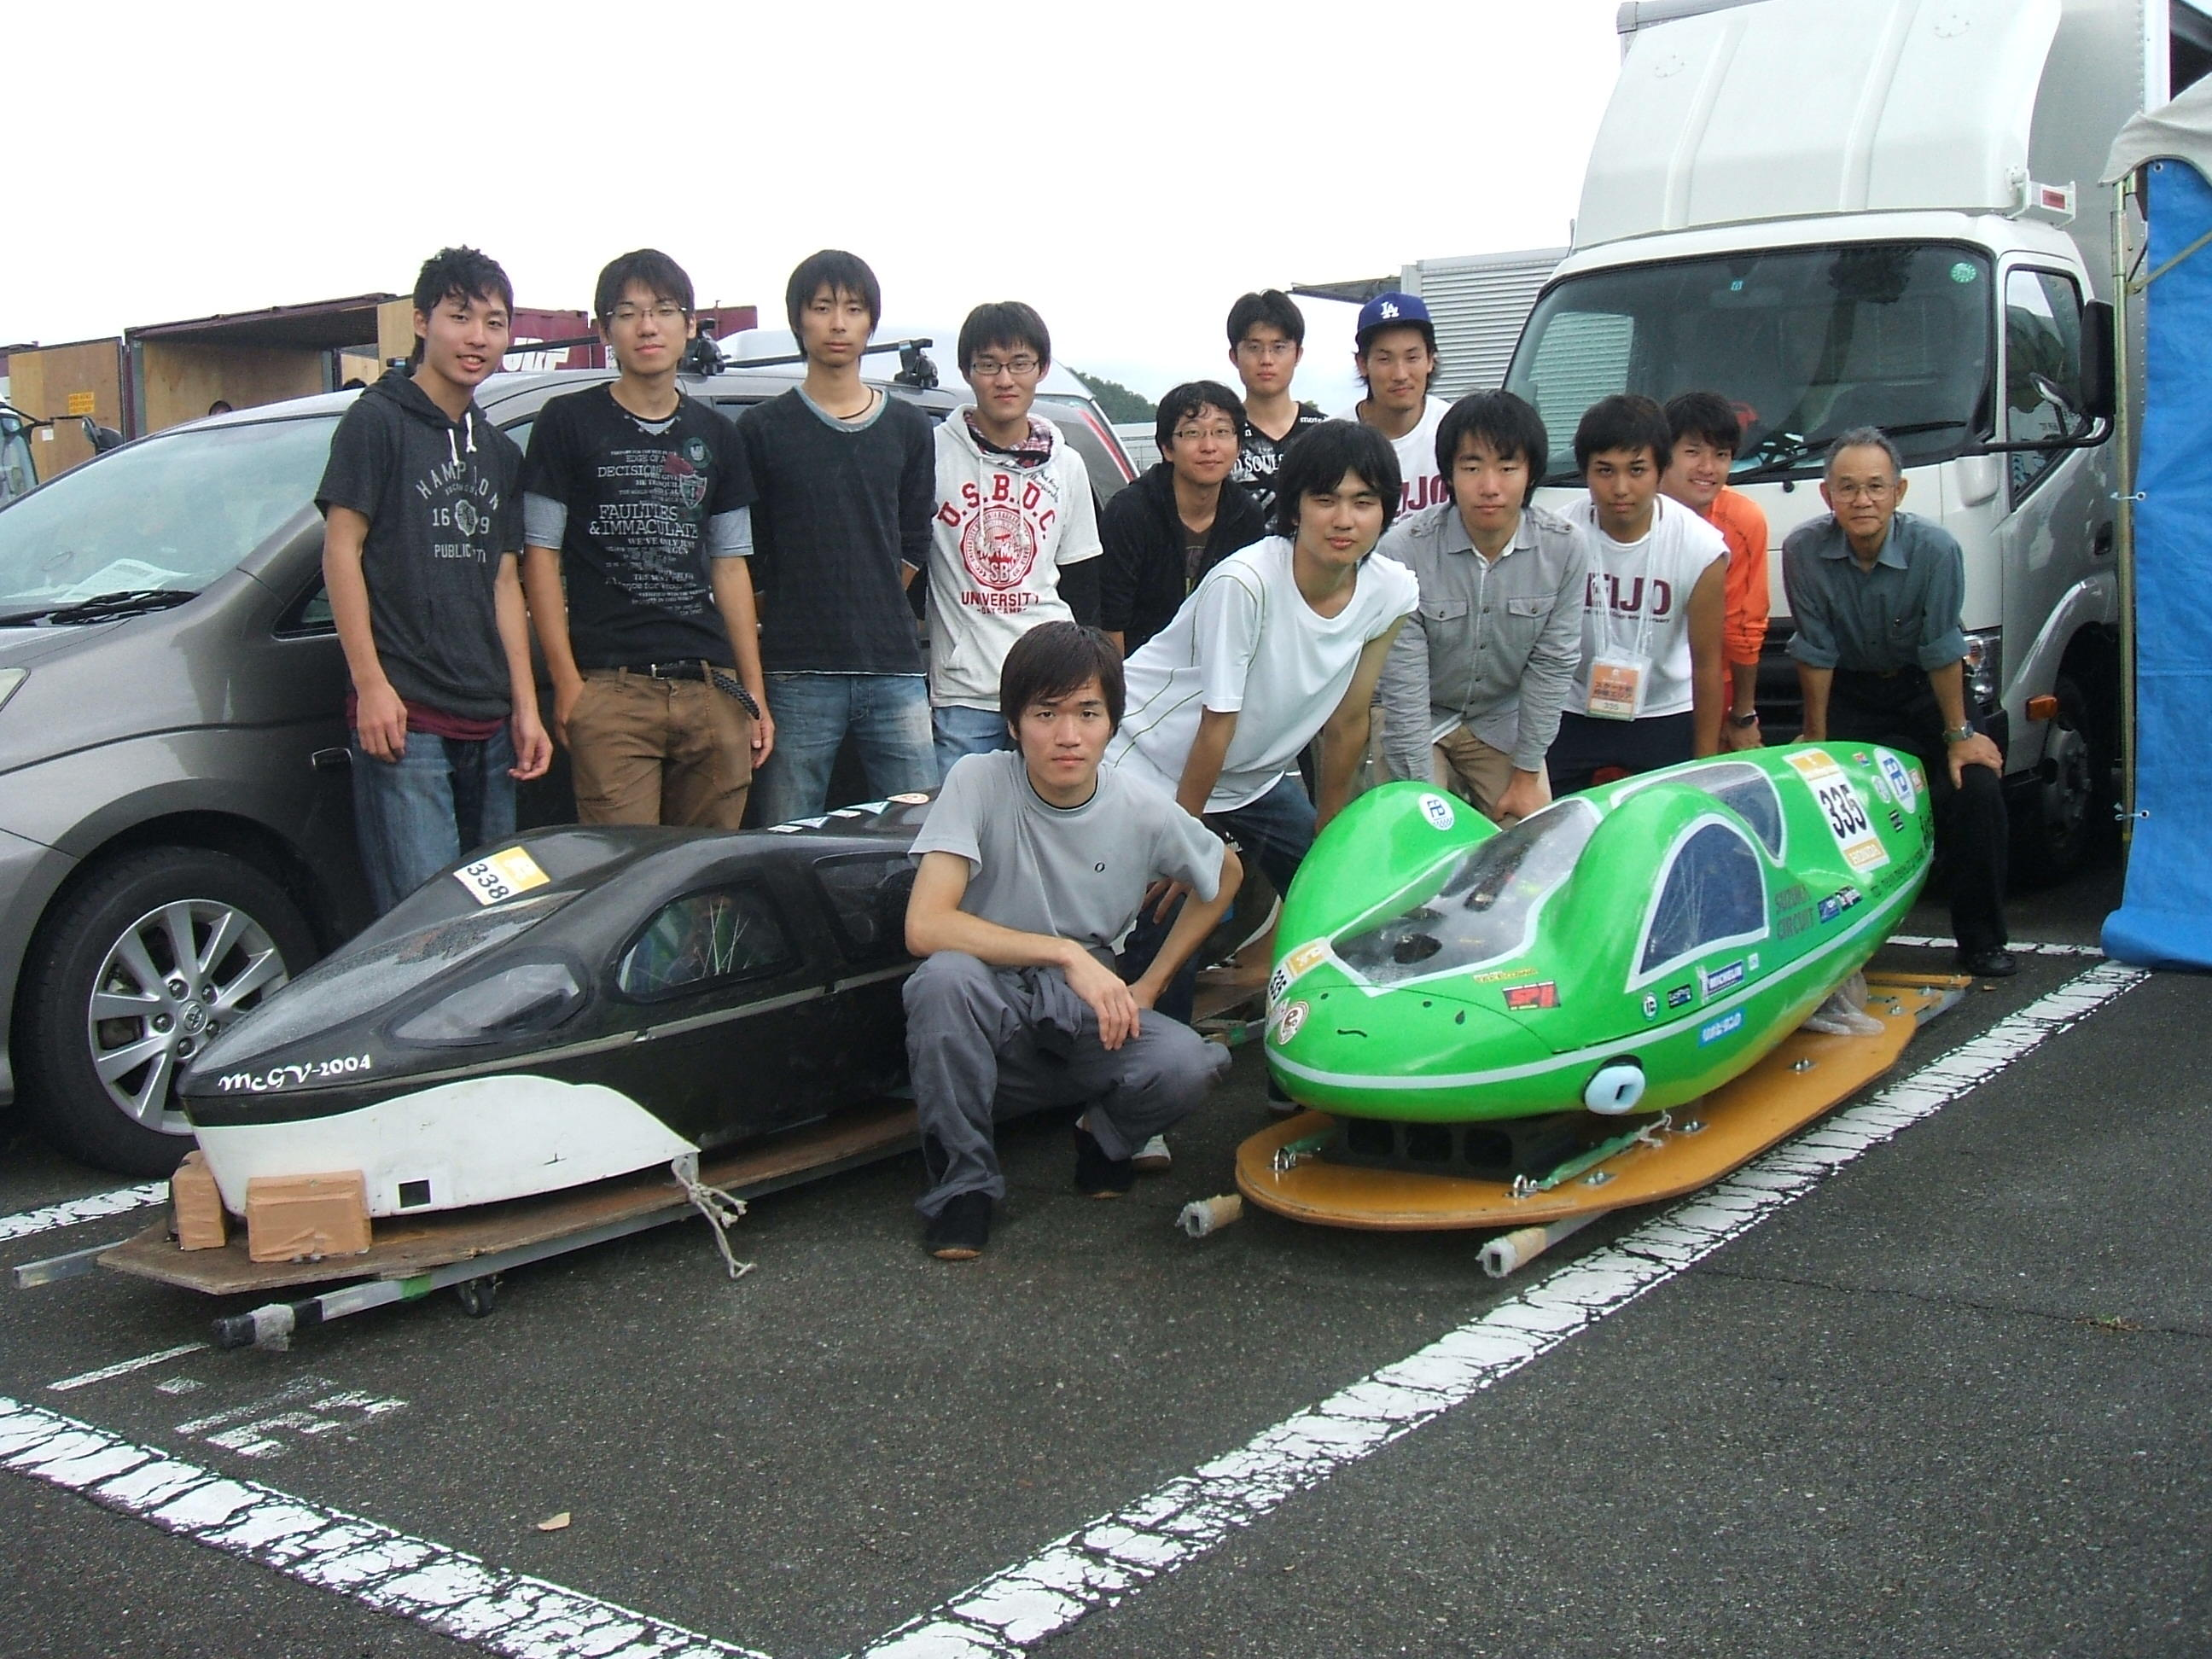 名城大学チームメンバーと省エネカー(写真右が準優勝のNova号)